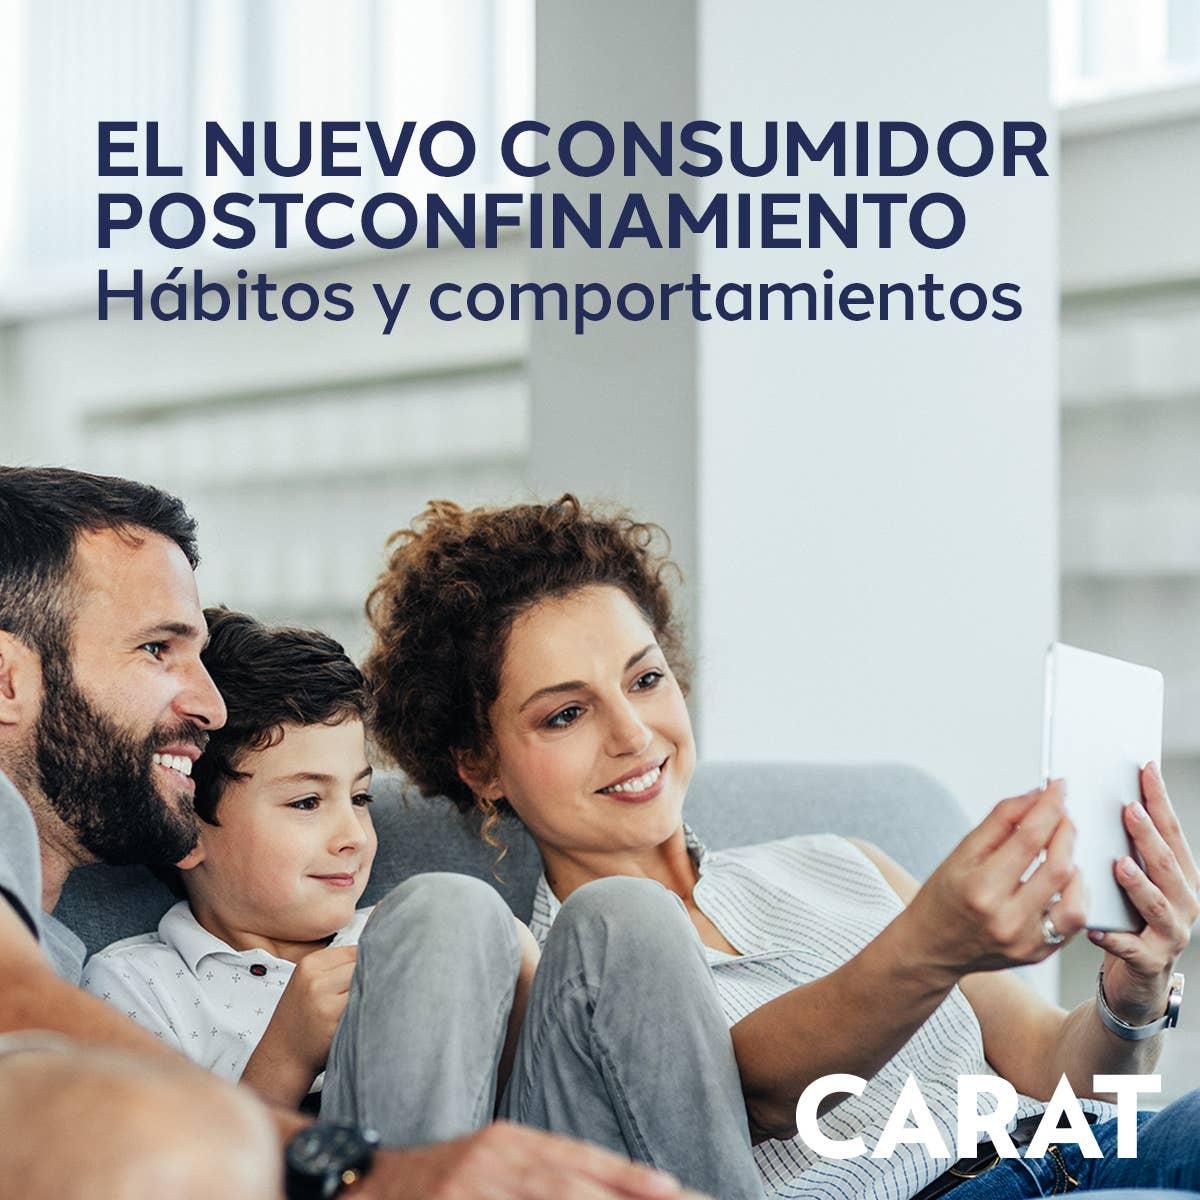 EL NUEVO CONSUMIDOR POSTCONFINAMIENTO